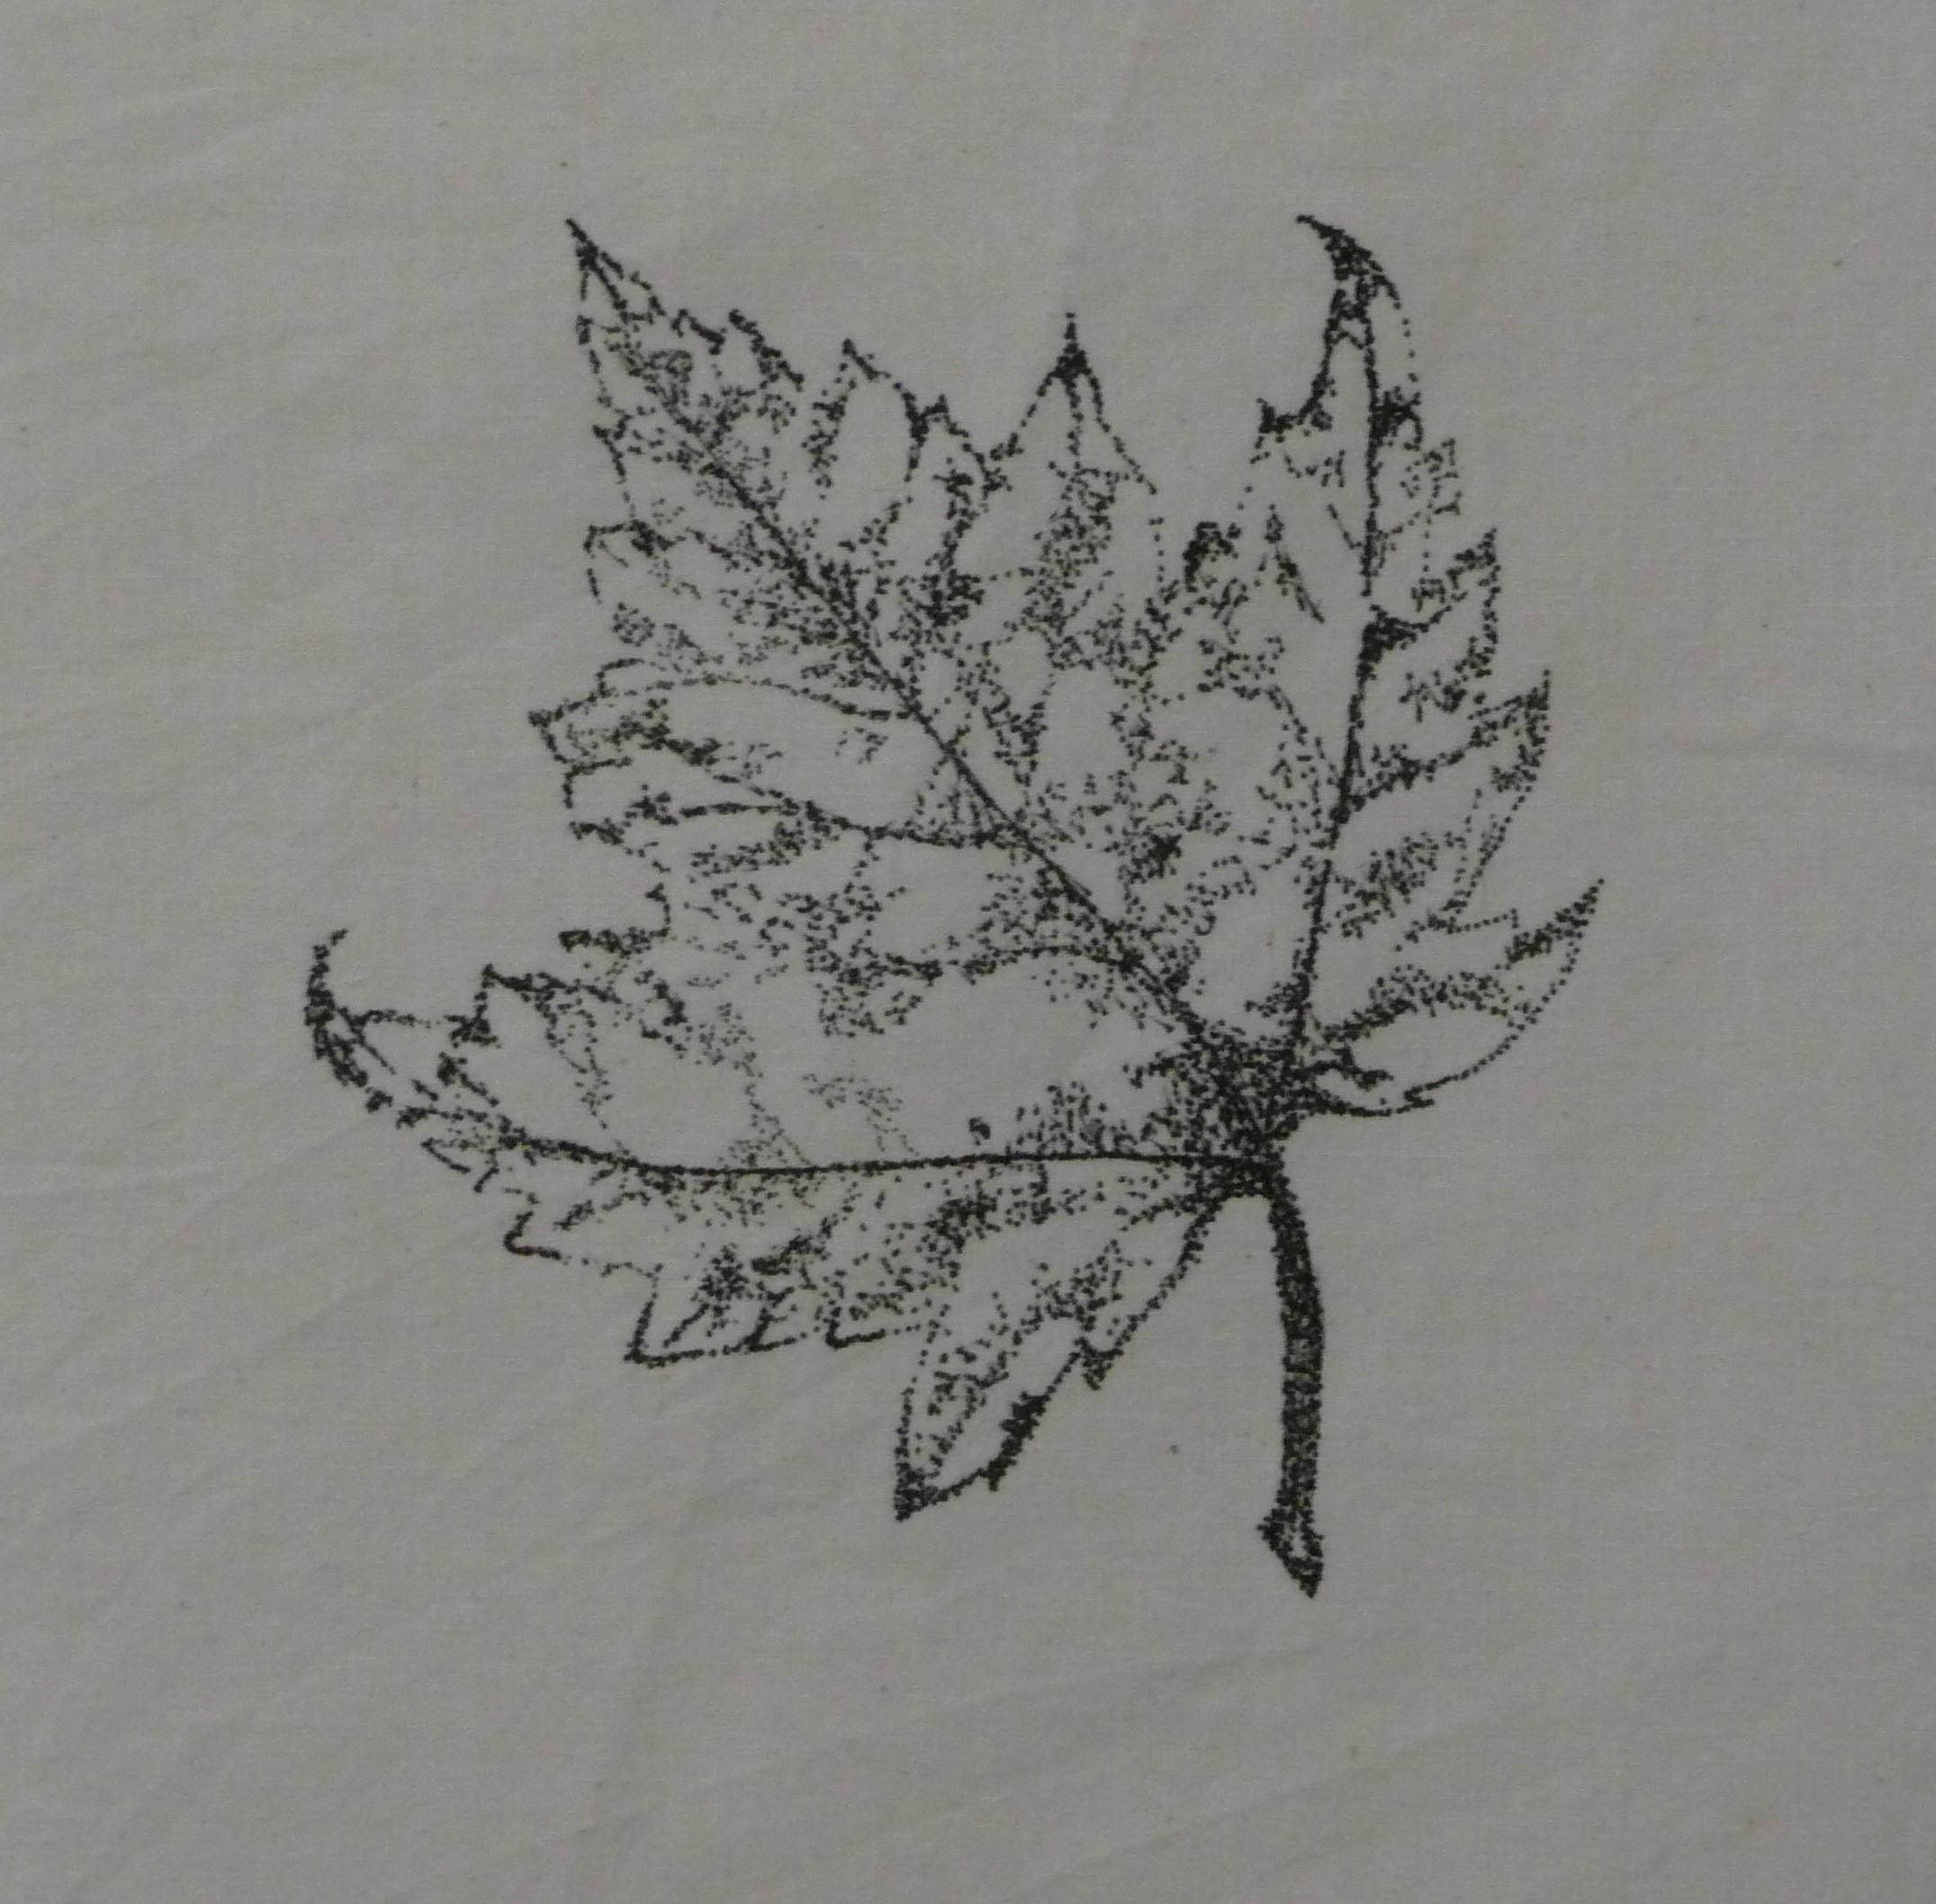 Drawn pen leaf 05 06 & 2010 Leaf